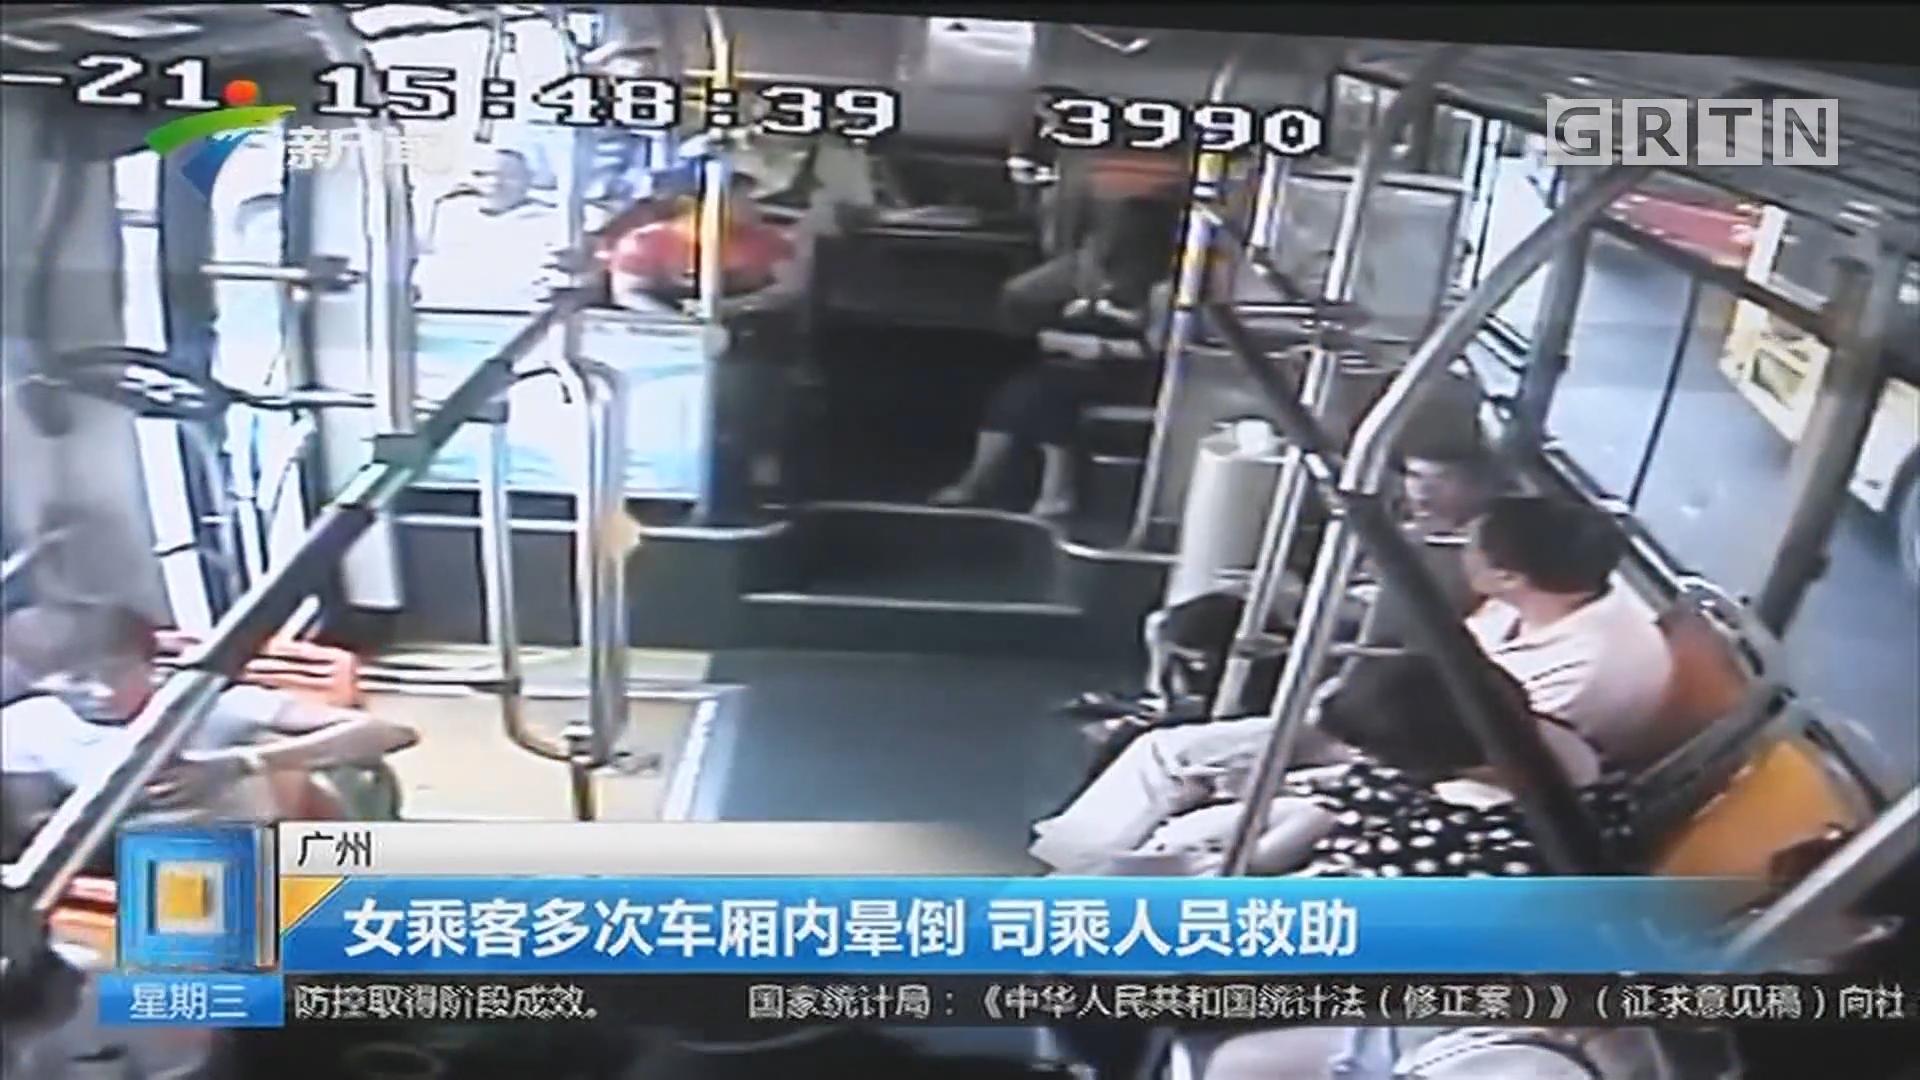 广州:女乘客多次车厢内晕倒 司乘人员救助